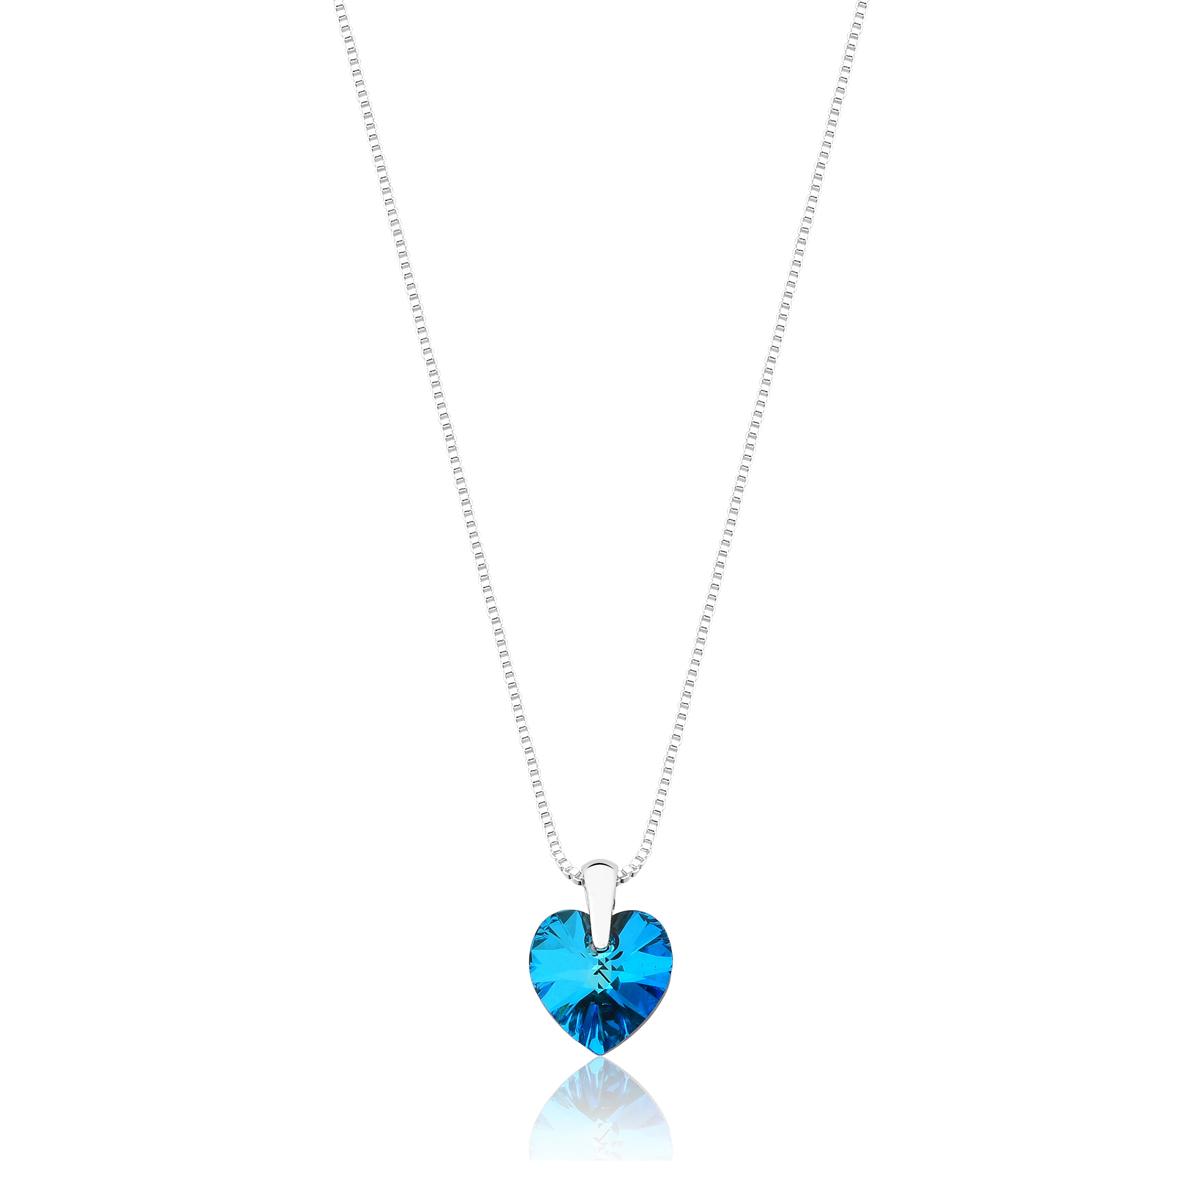 Colar Crystal Heart Blue Revestido em Prata